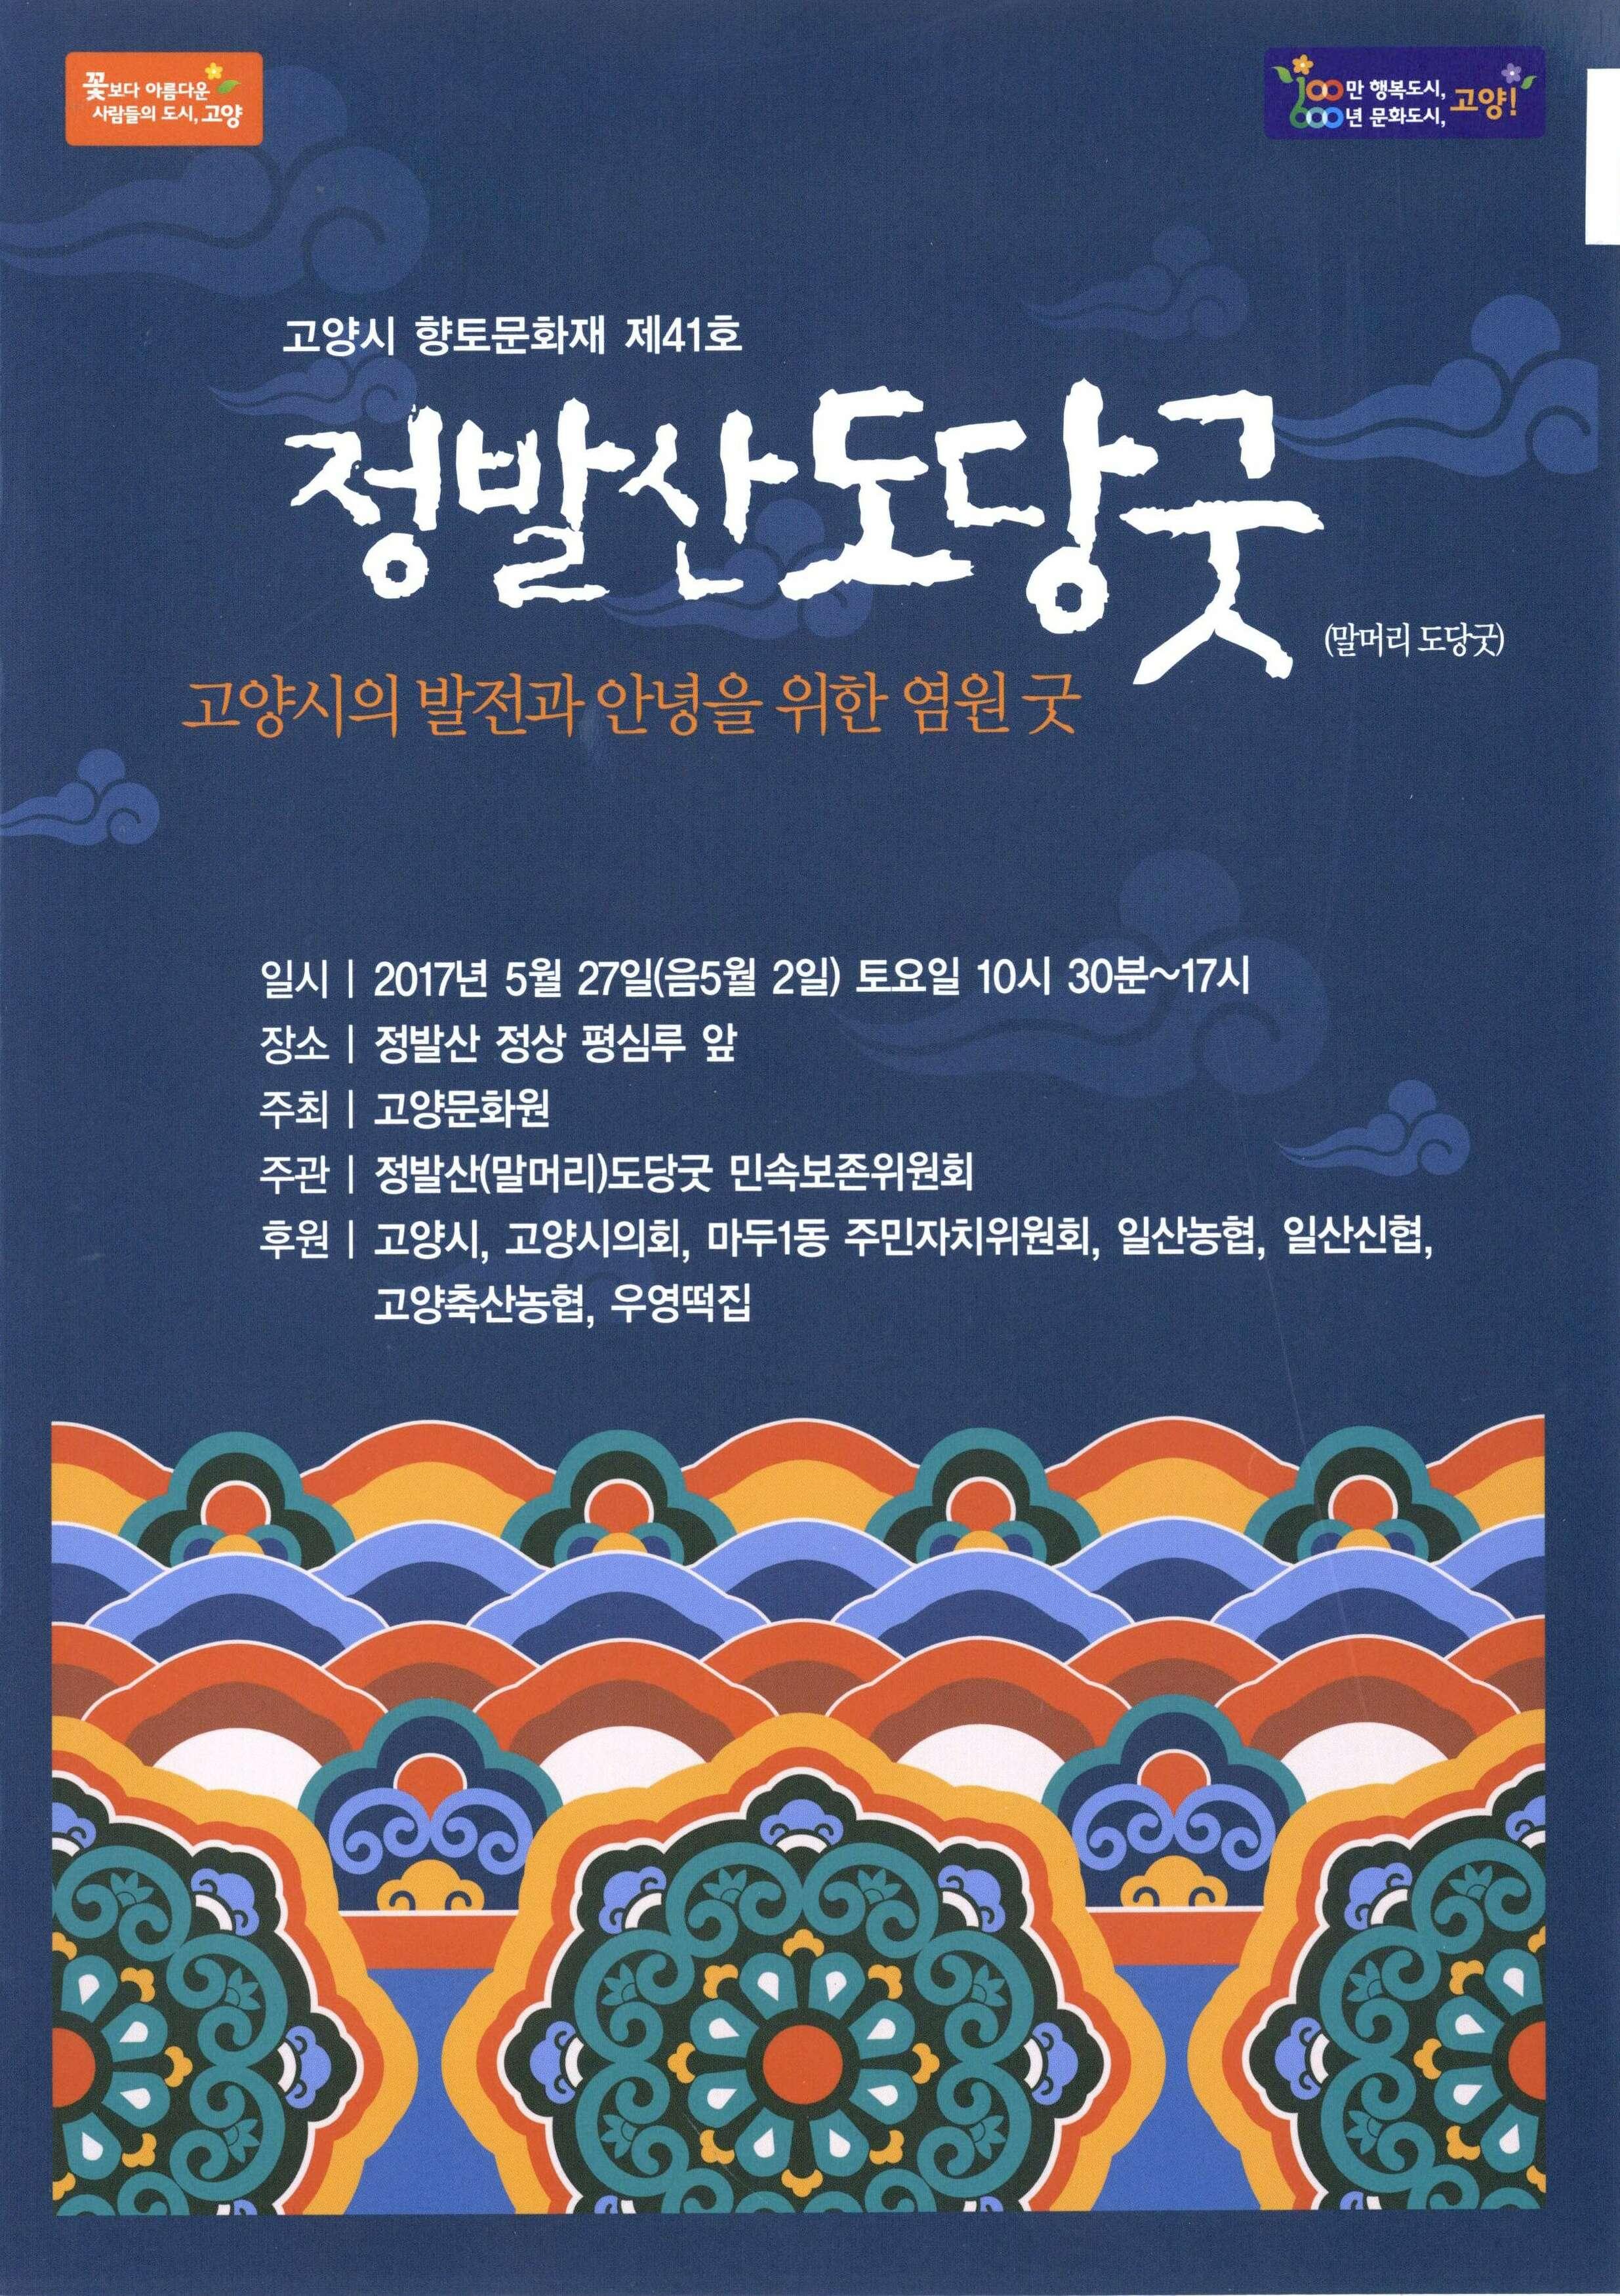 고양시 향토문화재 제41호 정발산도당굿 고양시의 발전과 안녕을 위한 염원 굿